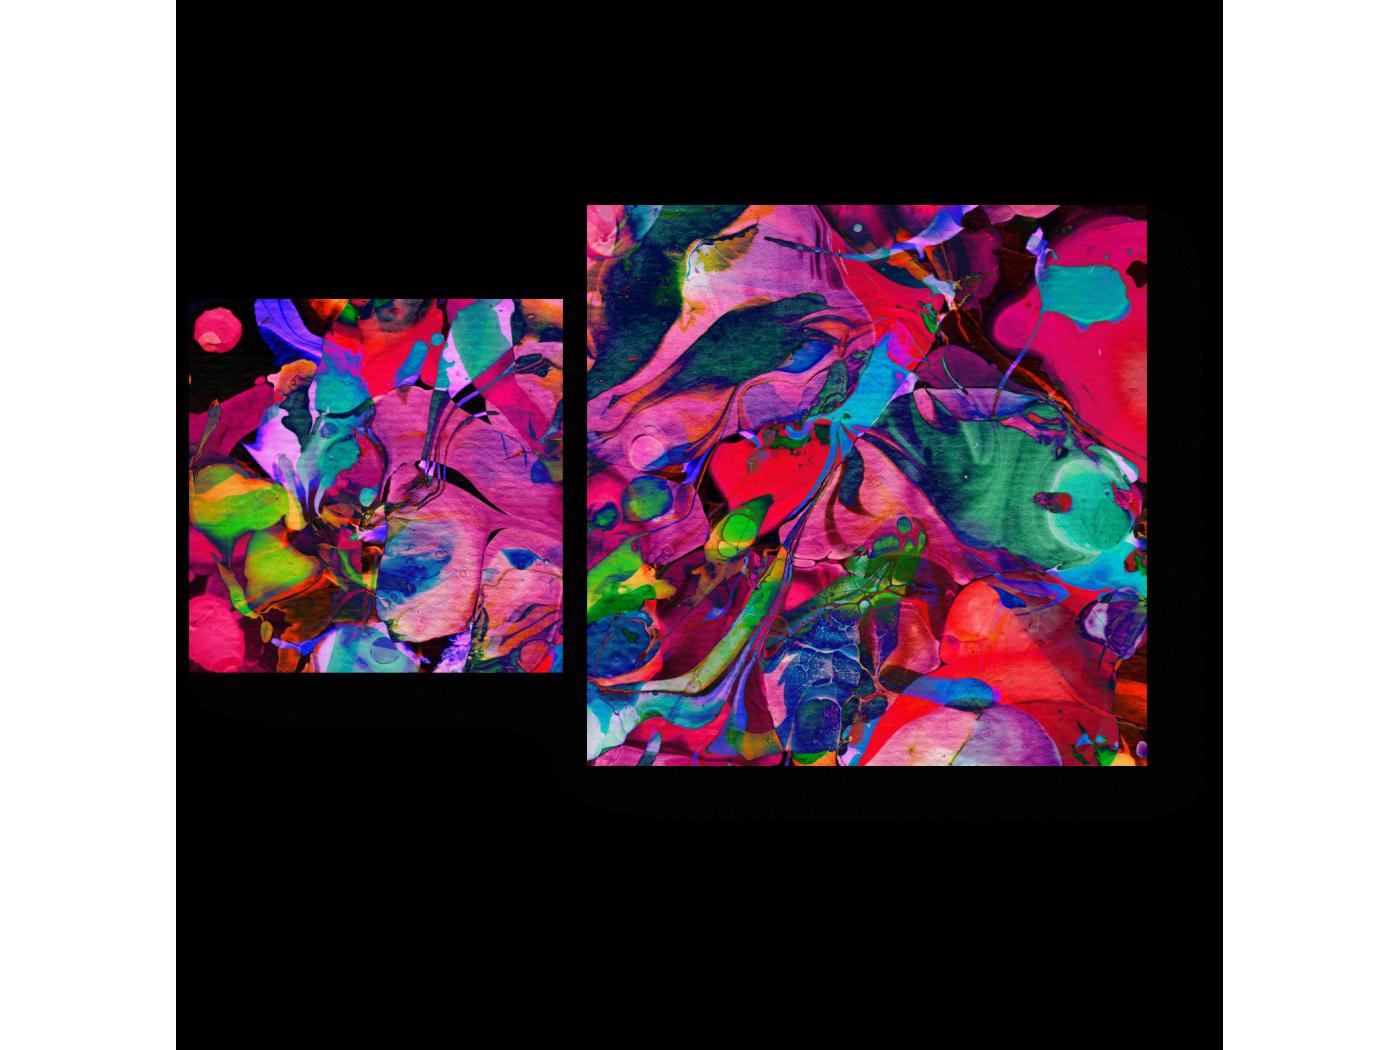 Модульная картина Буйство красок (50x30) фото